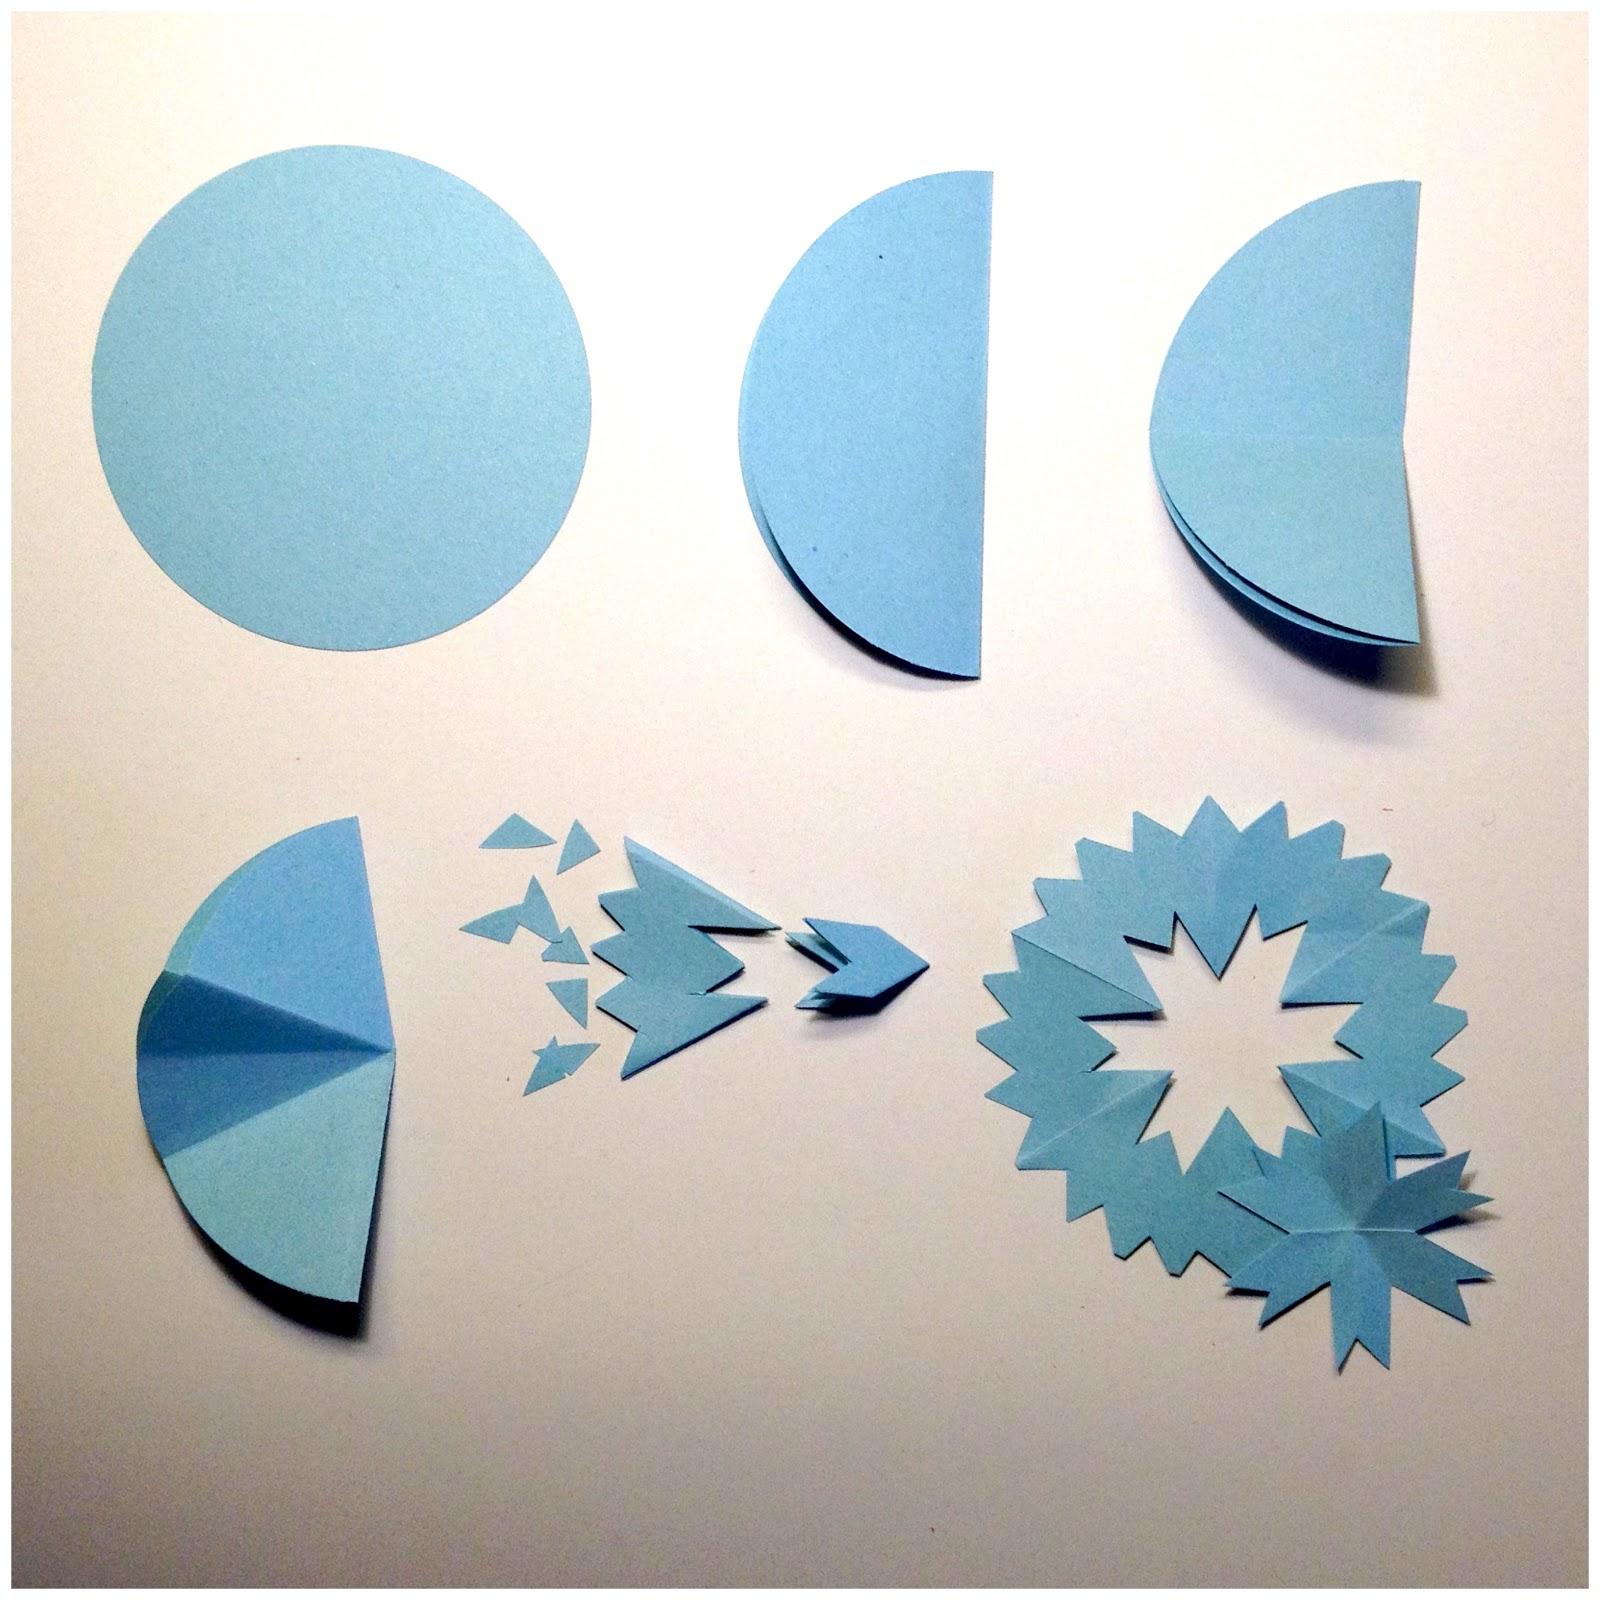 schaeresteipapier scherenschnitte mit kindern basteln. Black Bedroom Furniture Sets. Home Design Ideas